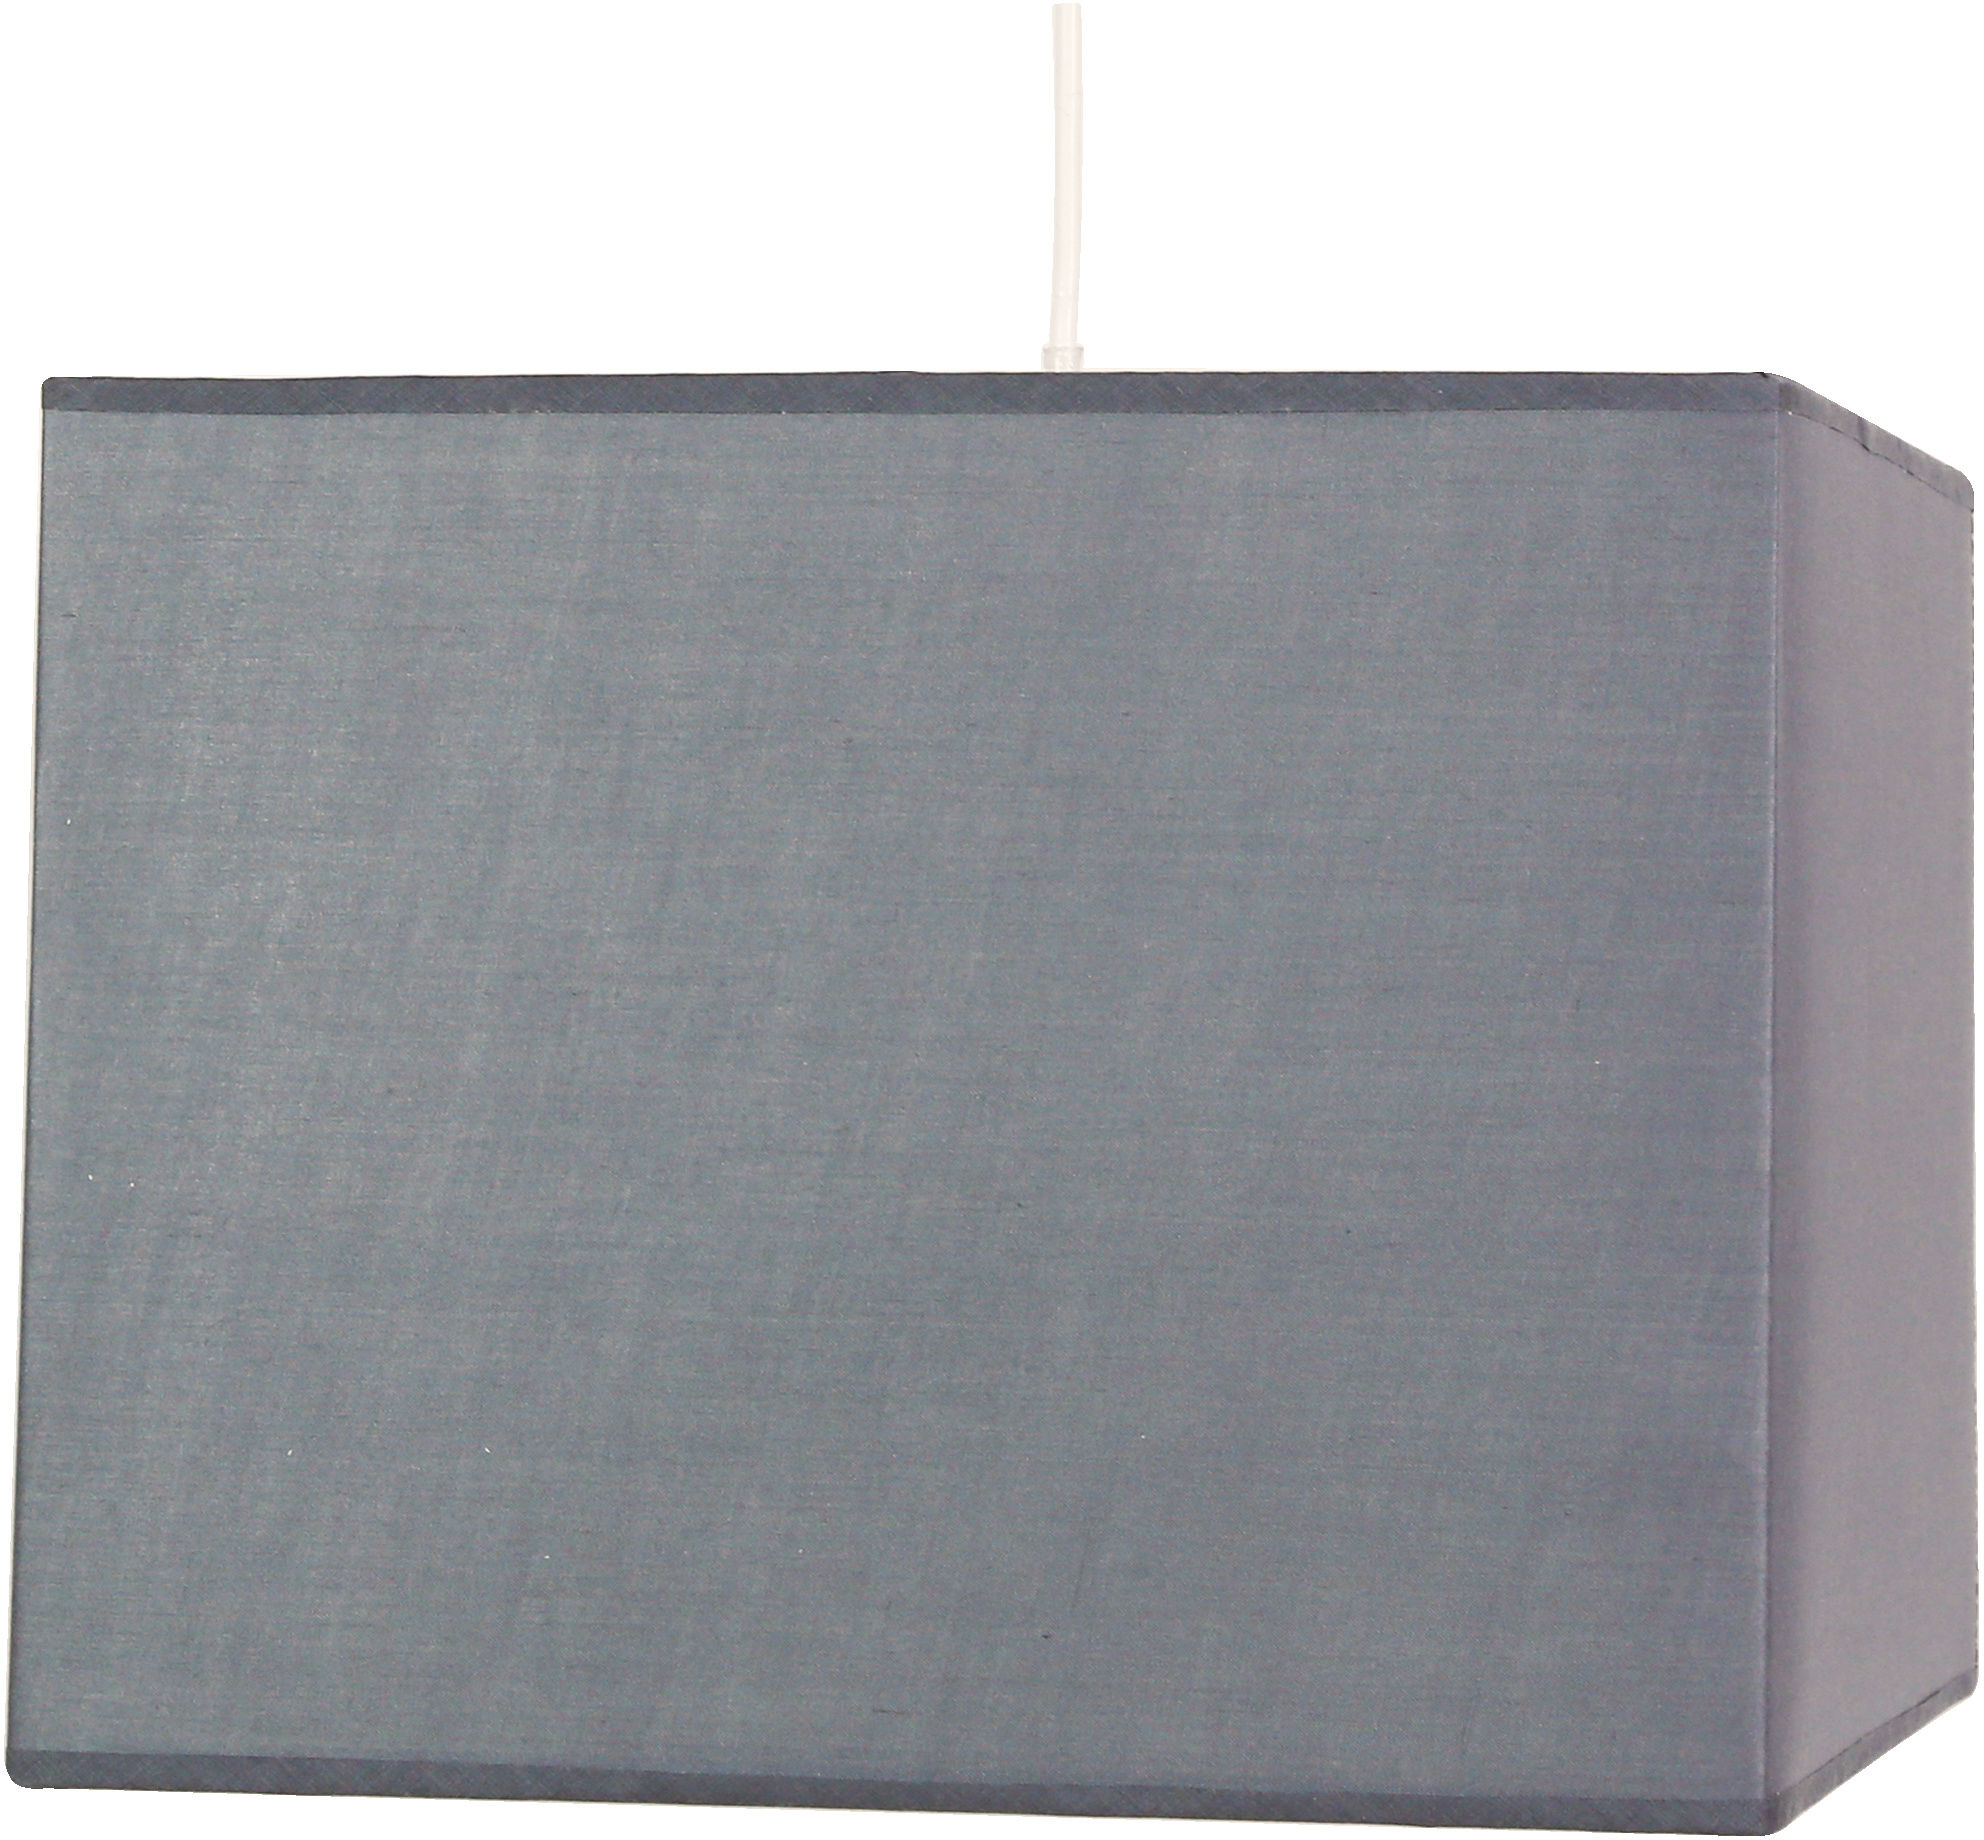 Candellux BASIC 31-06103 lampa wisząca kwadratowy abażur szary 1X60W E27 30 cm